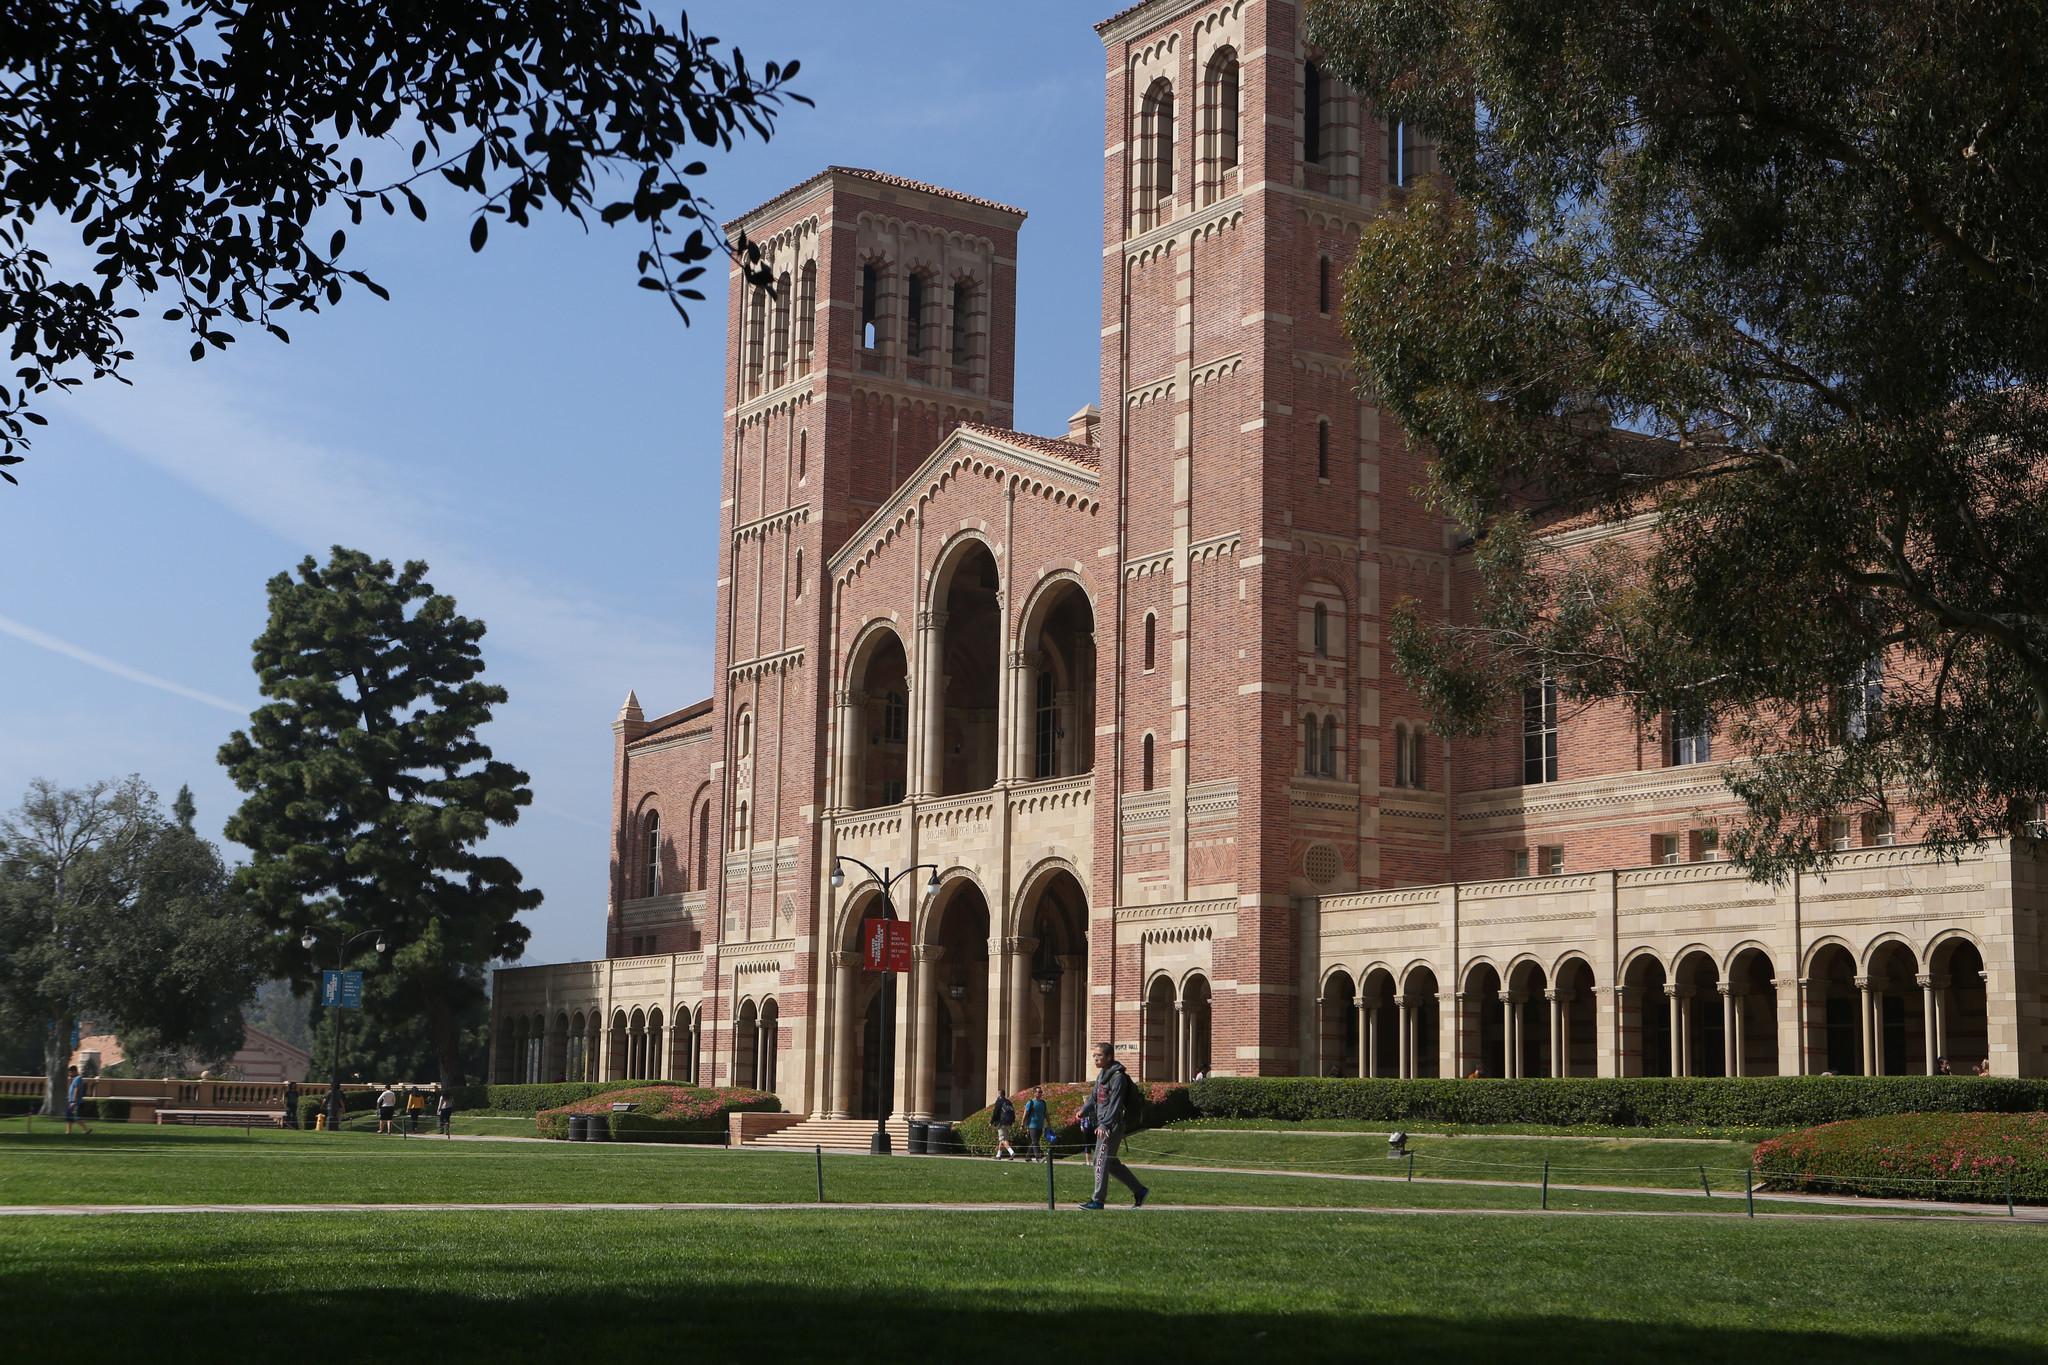 Αποτέλεσμα εικόνας για University of California